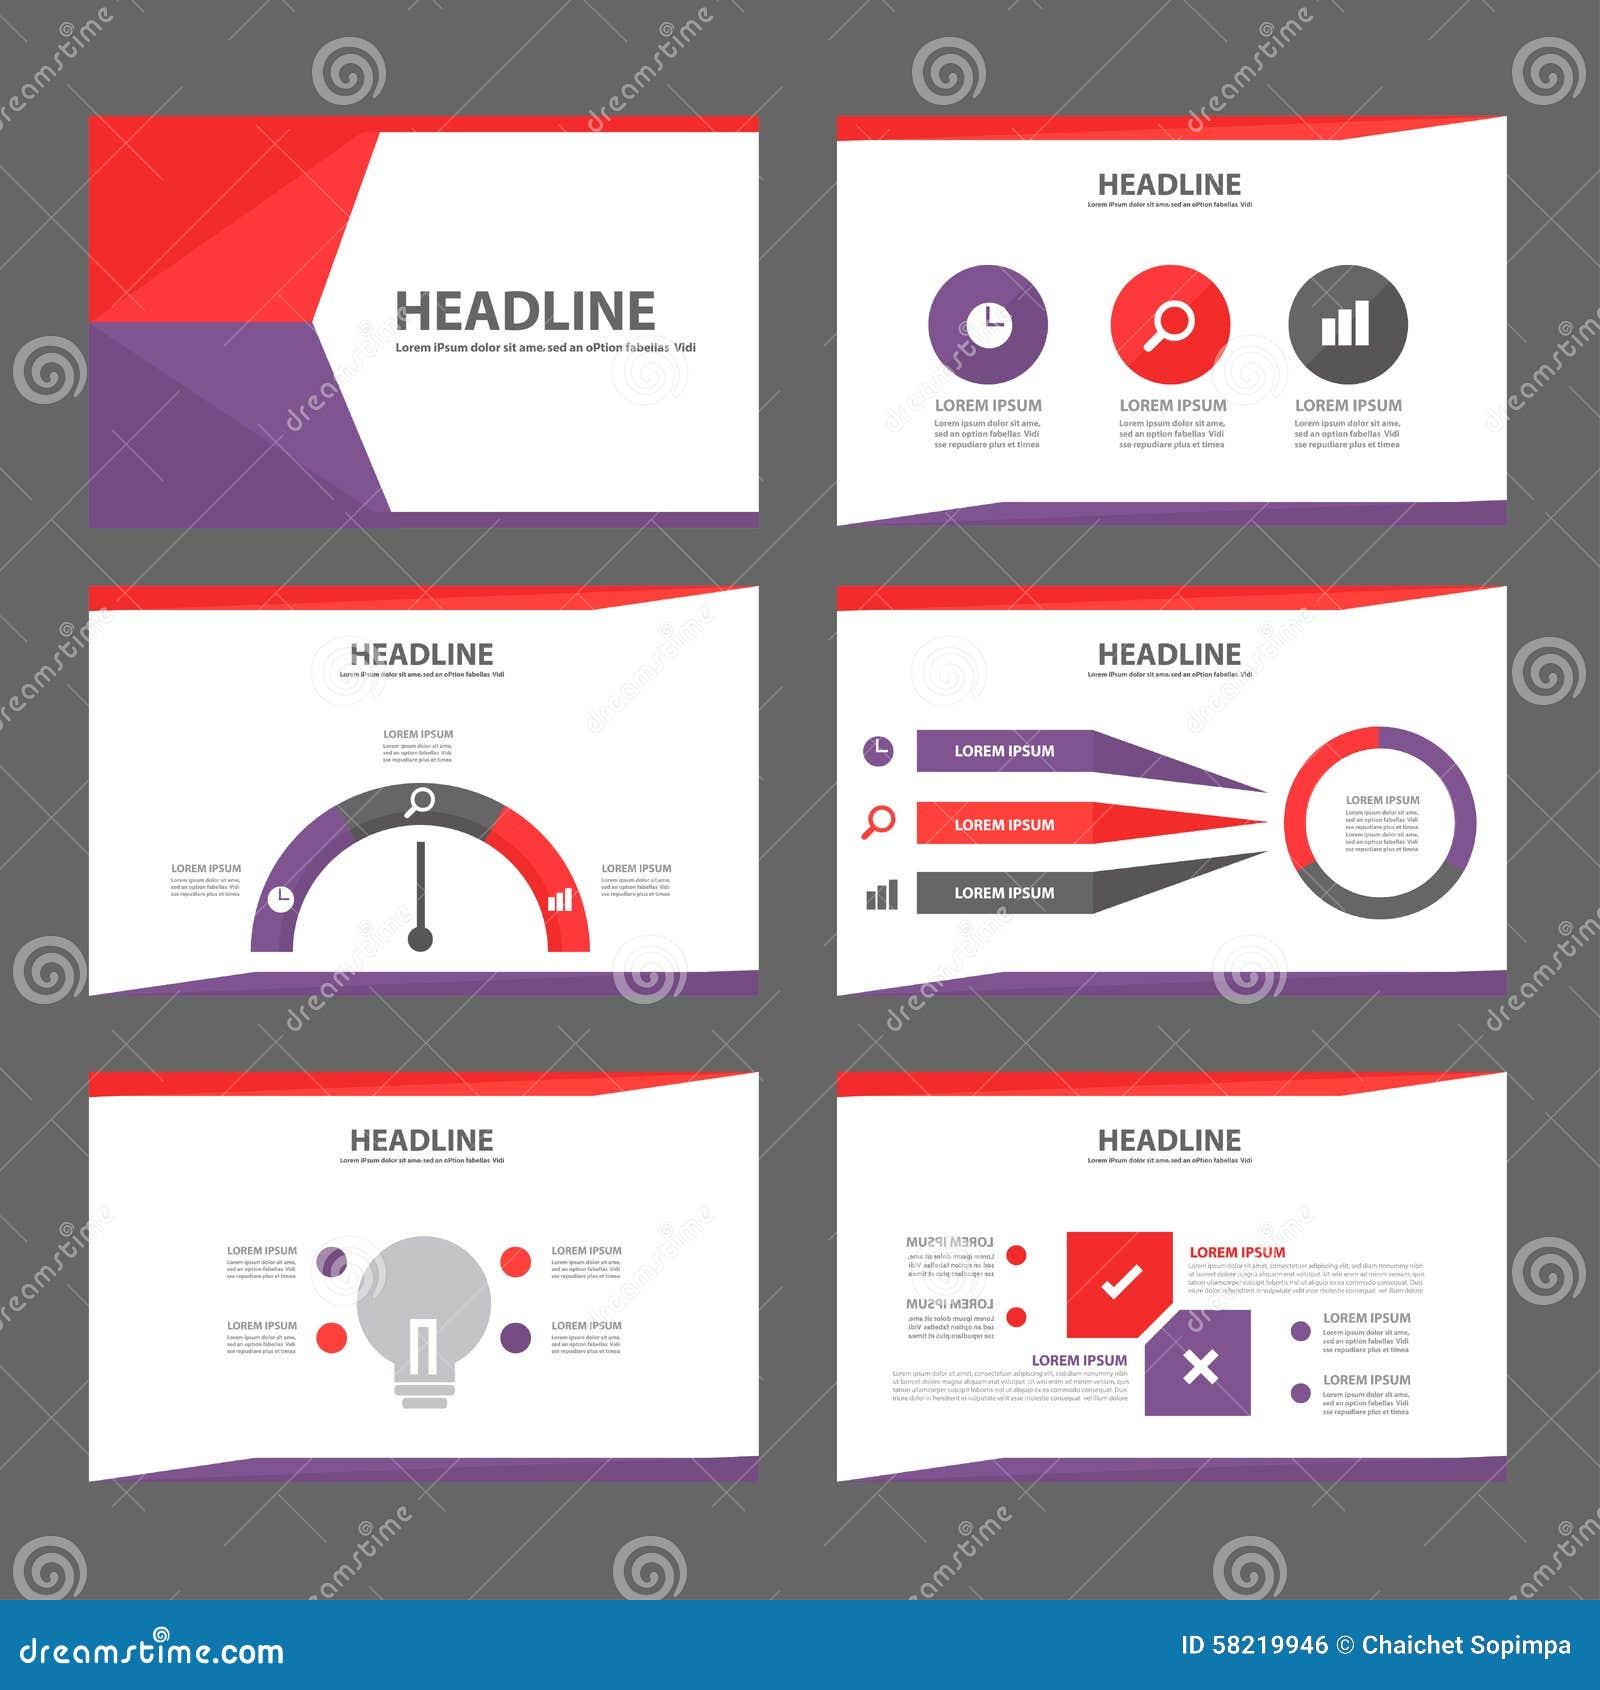 purple and red multipurpose brochure flyer leaflet website template flat design stock vector. Black Bedroom Furniture Sets. Home Design Ideas